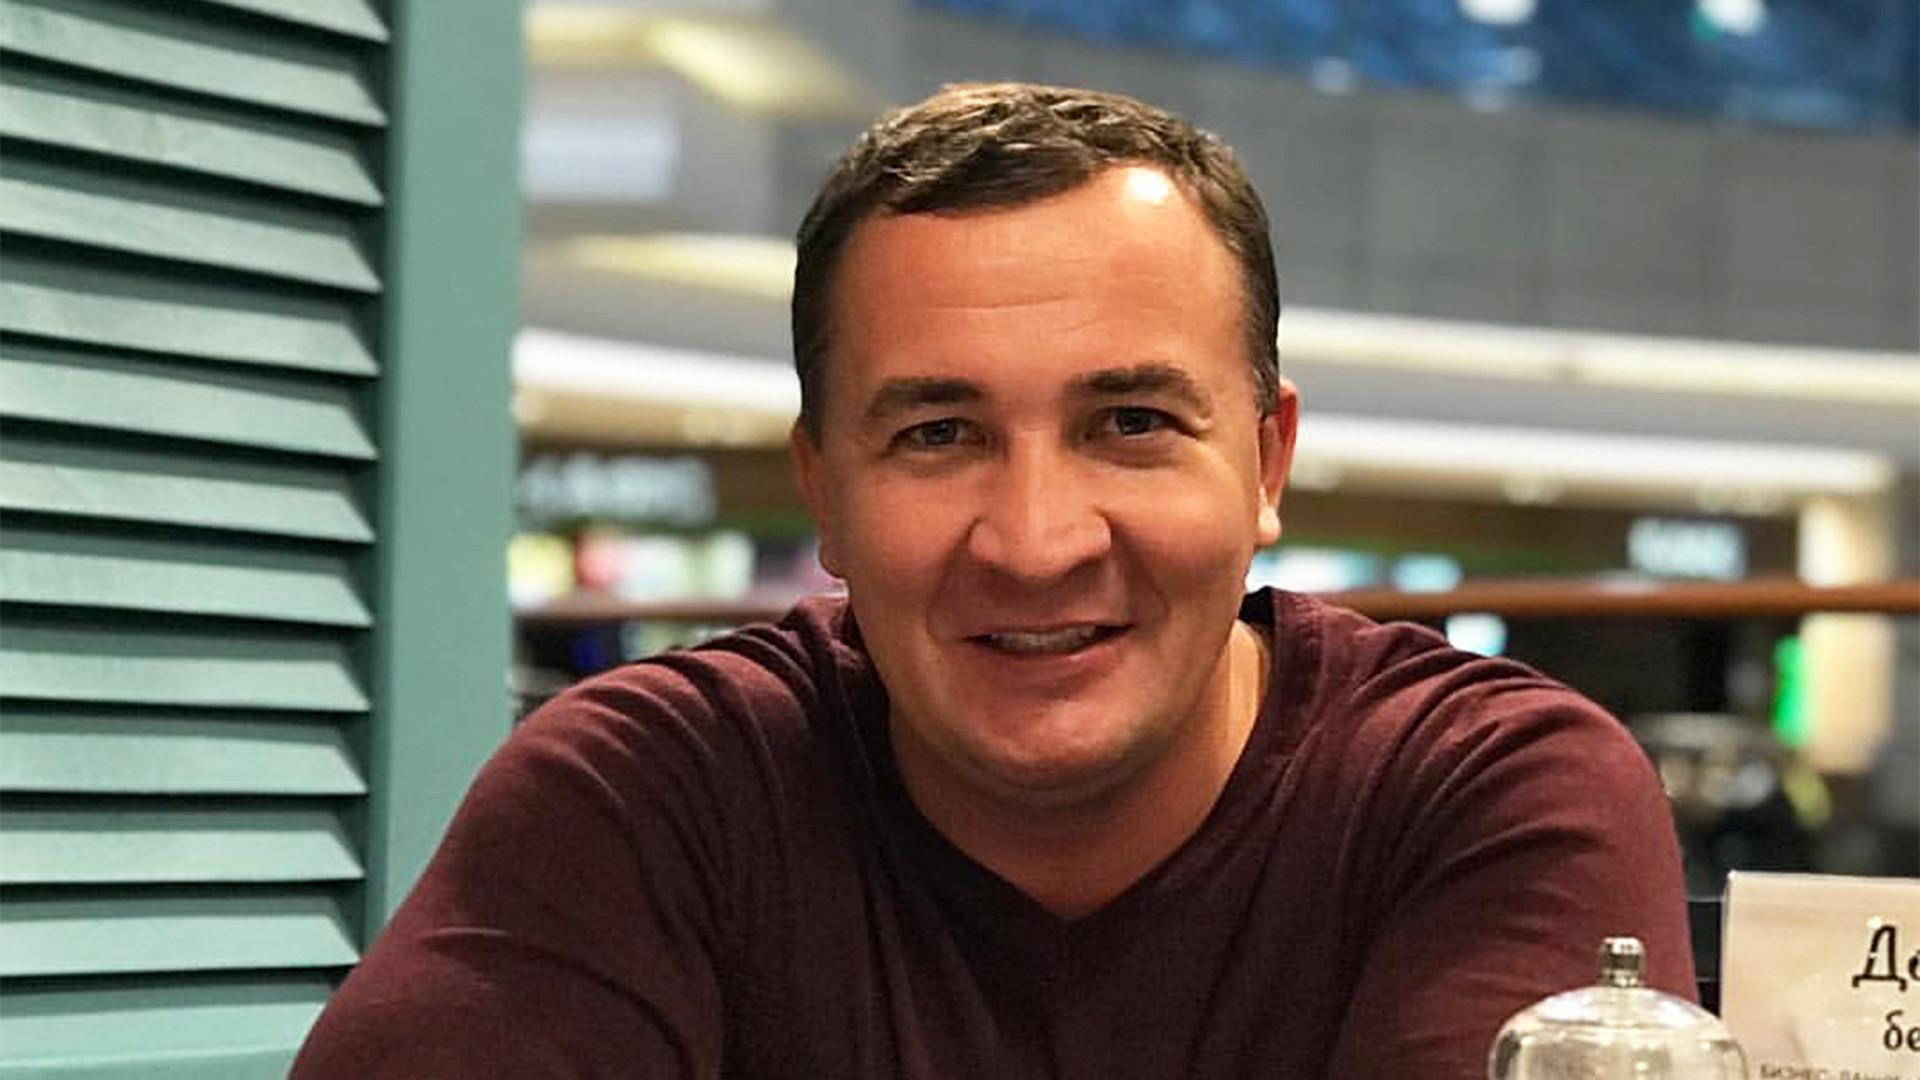 Maxim Kolomejzew hat sein Ticket für den tragischen Flug im letzten Moment umgetauscht.